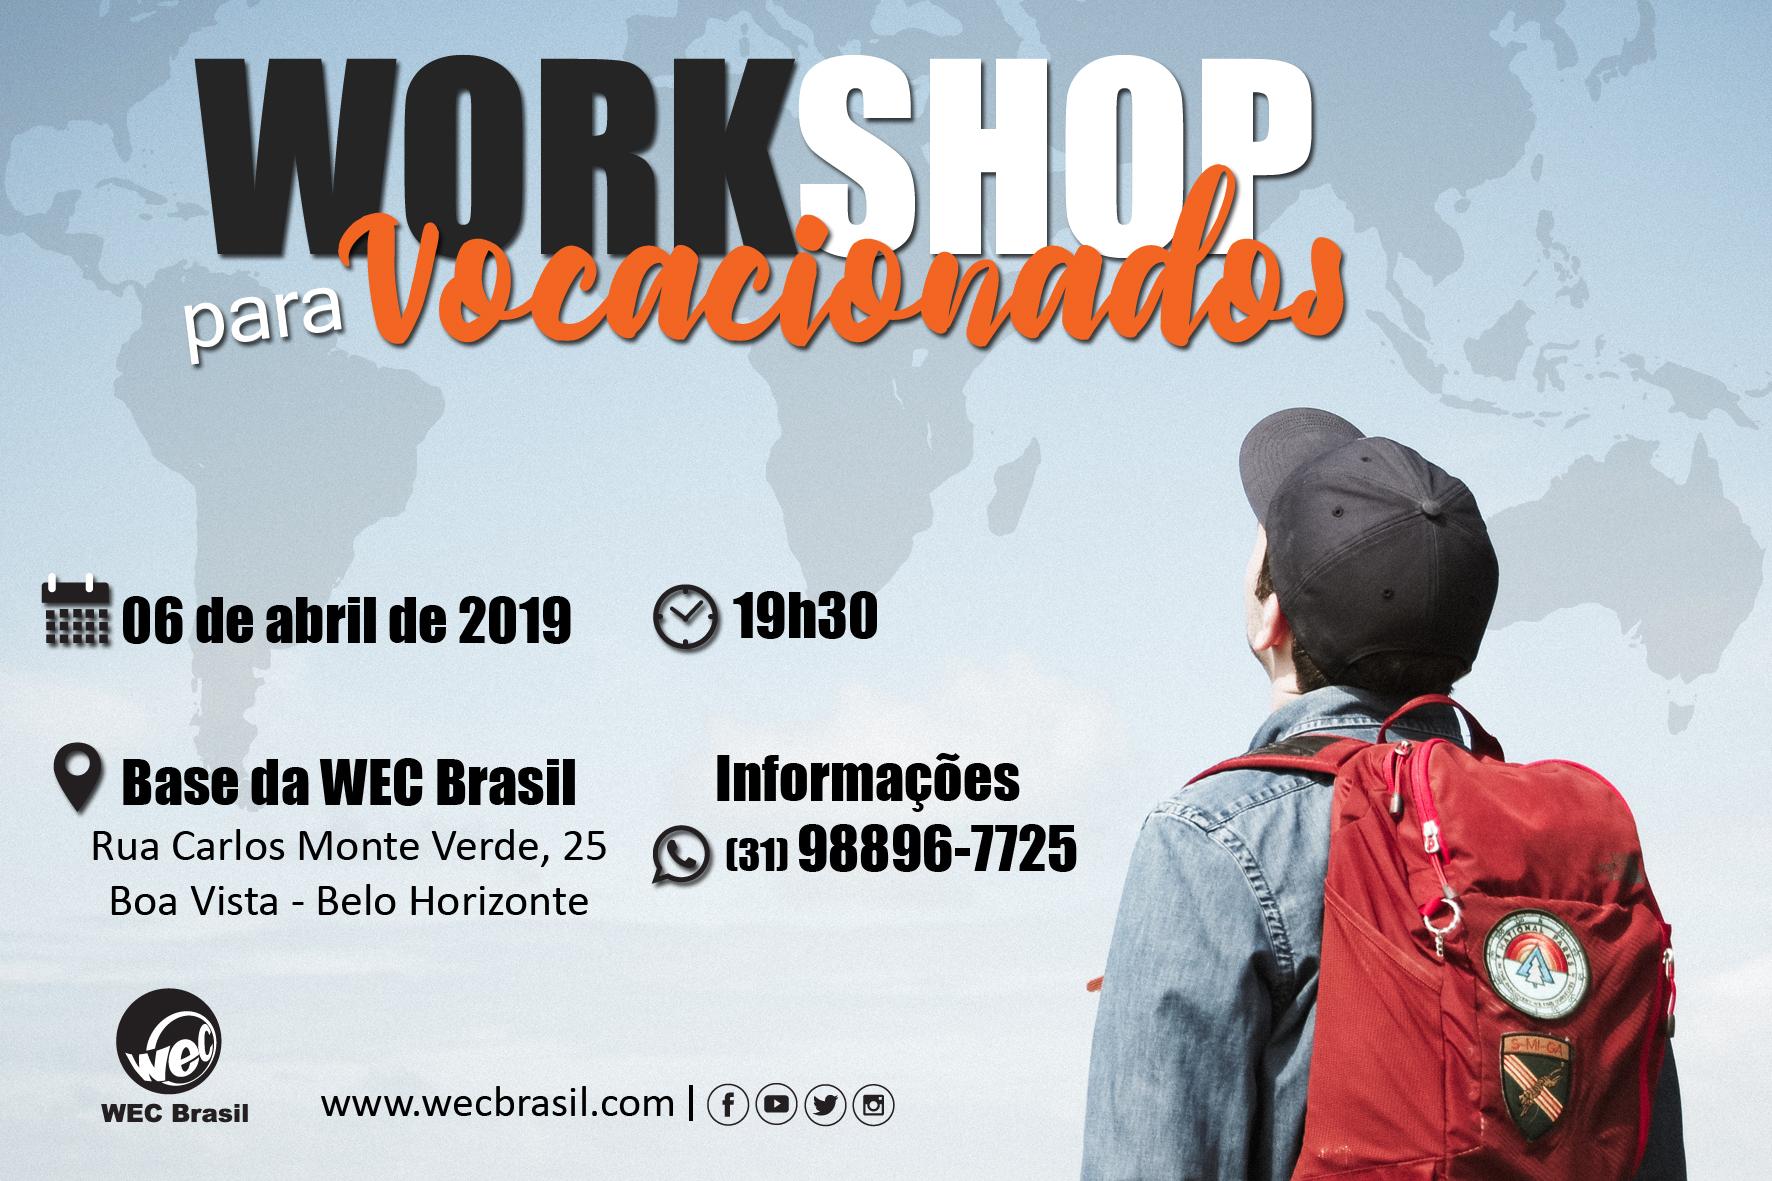 WorkShop Vocacionados 2019